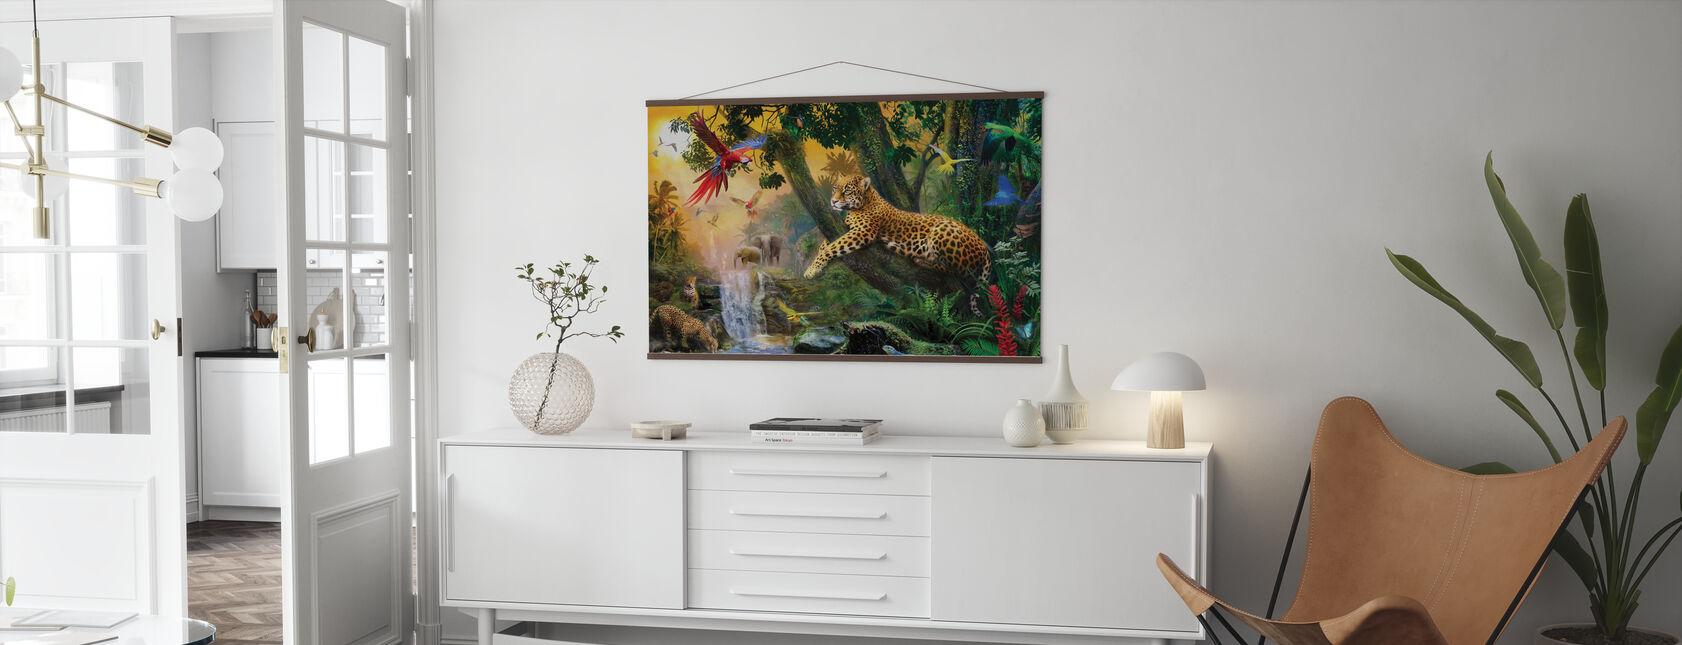 Luipaarden in de jungle - Poster - Woonkamer